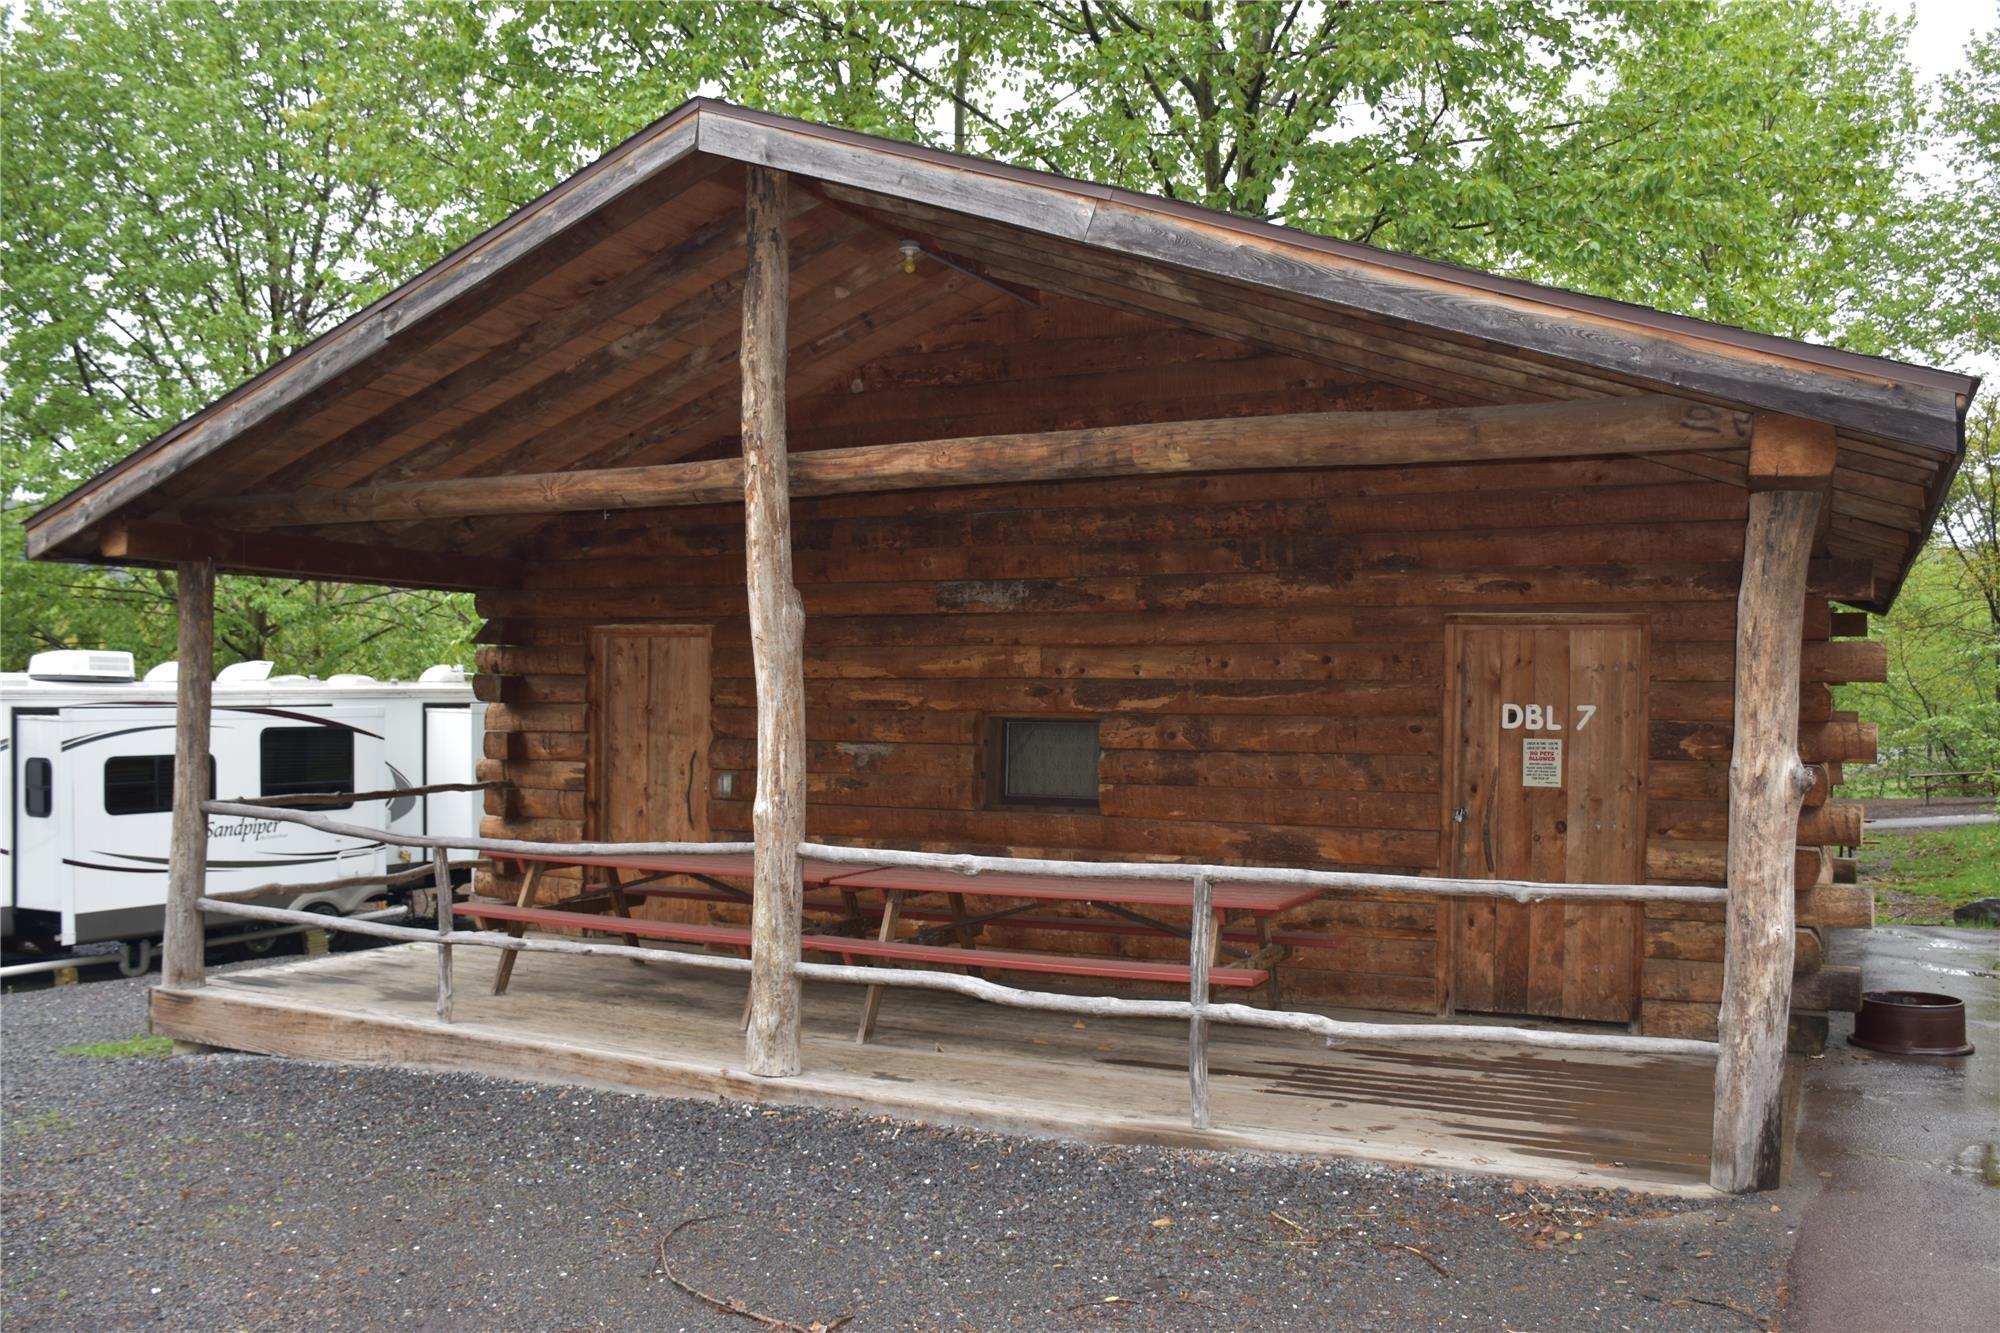 Knoebels Park Campground   Knoebels Amut Resort on knoebels impulse, knoebels log flume, knoebels amusement park,